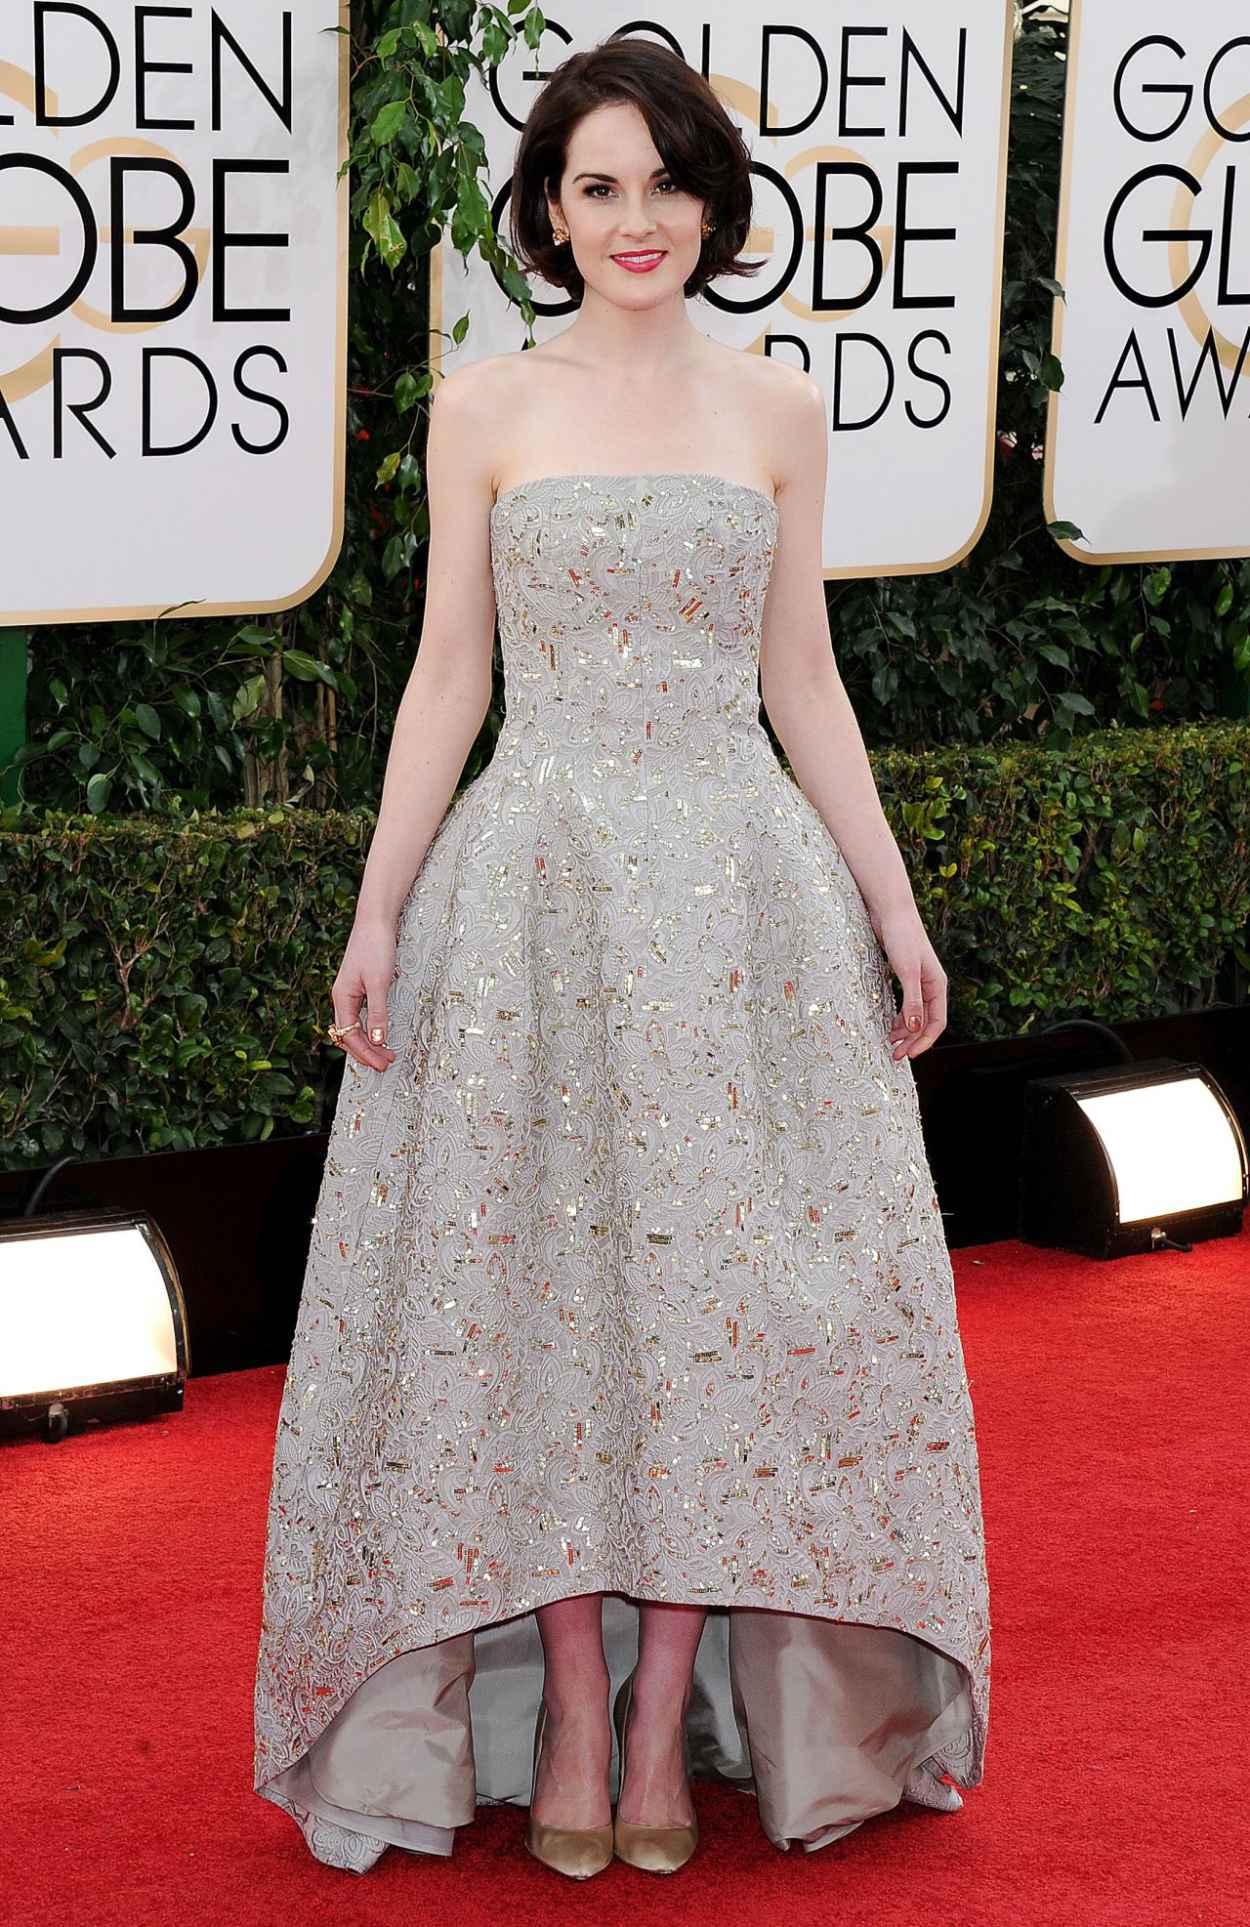 Michelle Dockery Wears Oscar de la Renta at 2015 Golden Globe Awards Red Carpet-1